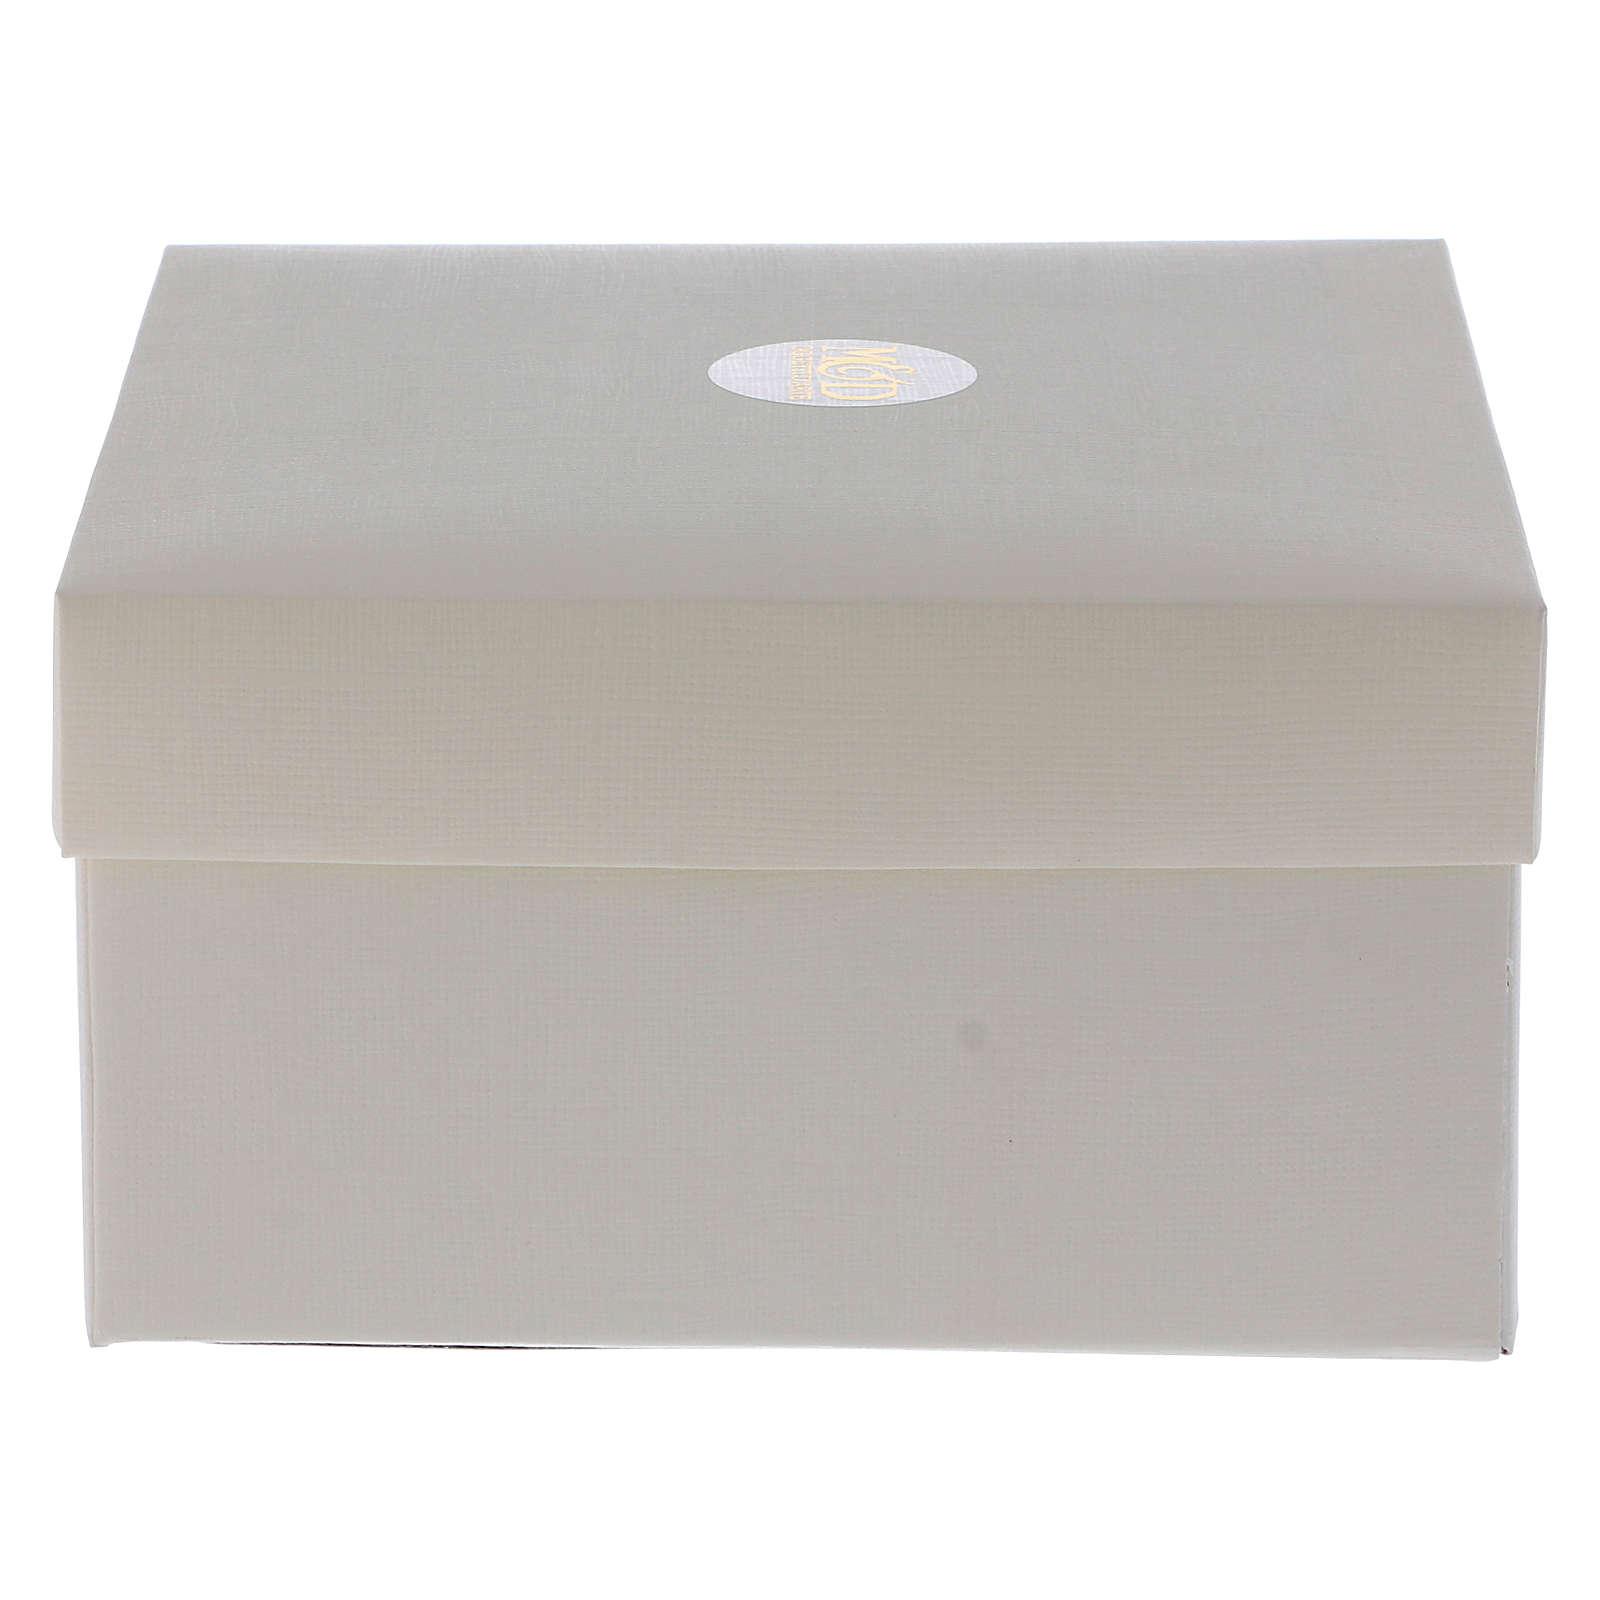 Bonbonnière boîte Communion 5x5x5 cm 3